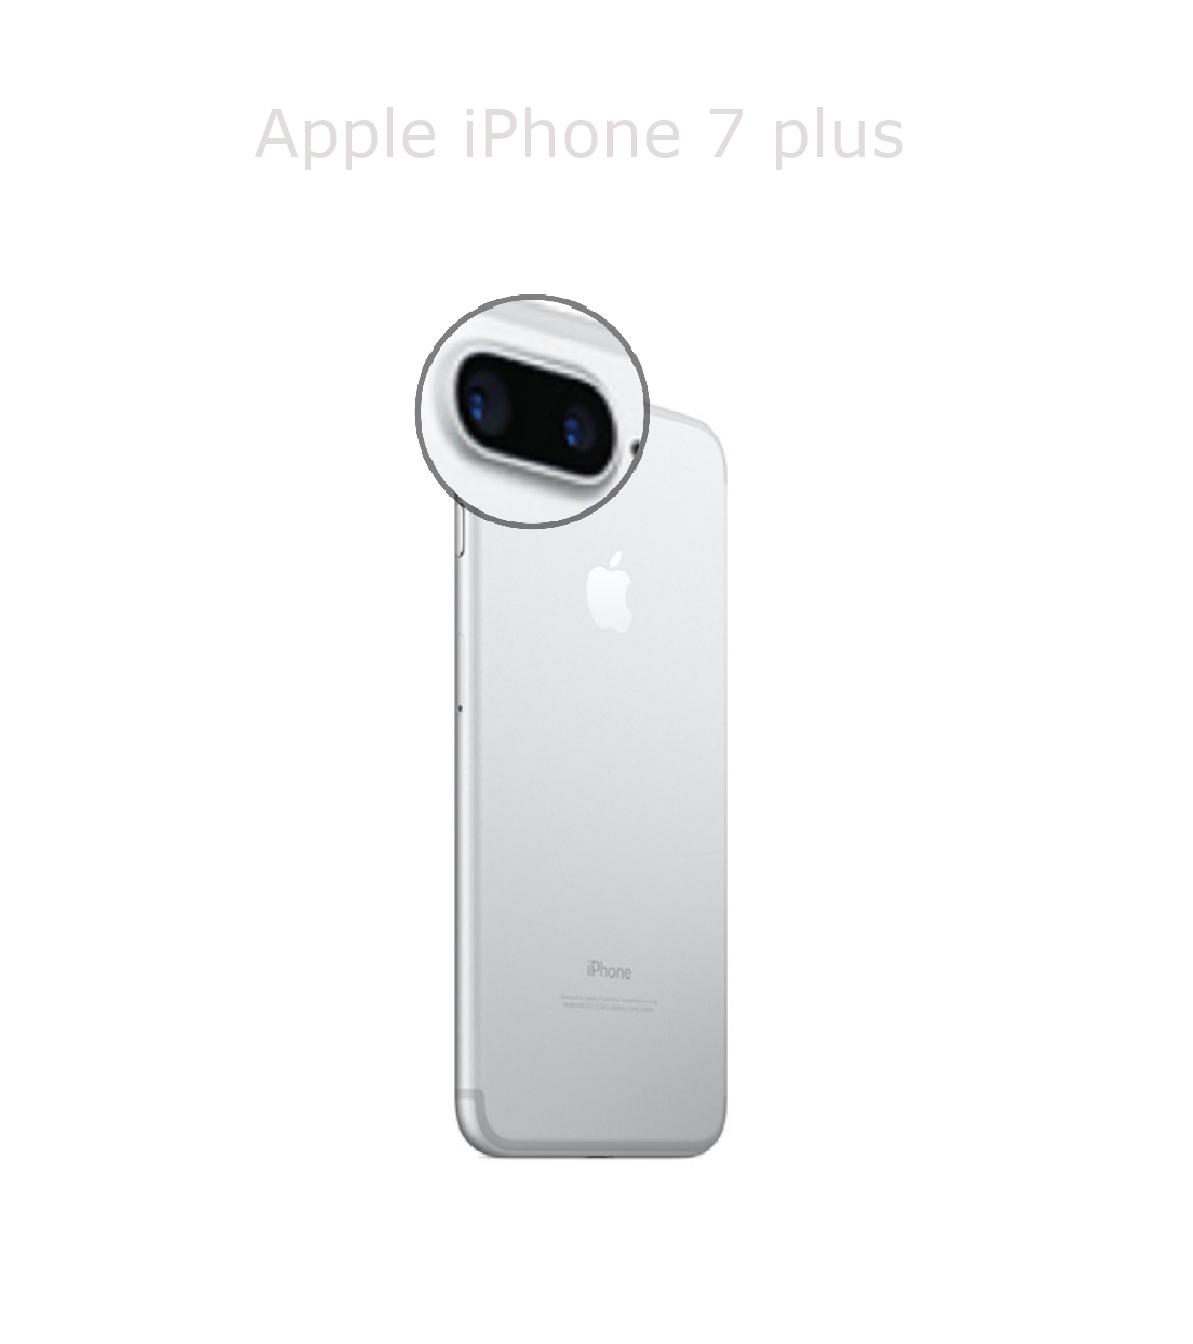 Laga kameralins iPhone 7 plus